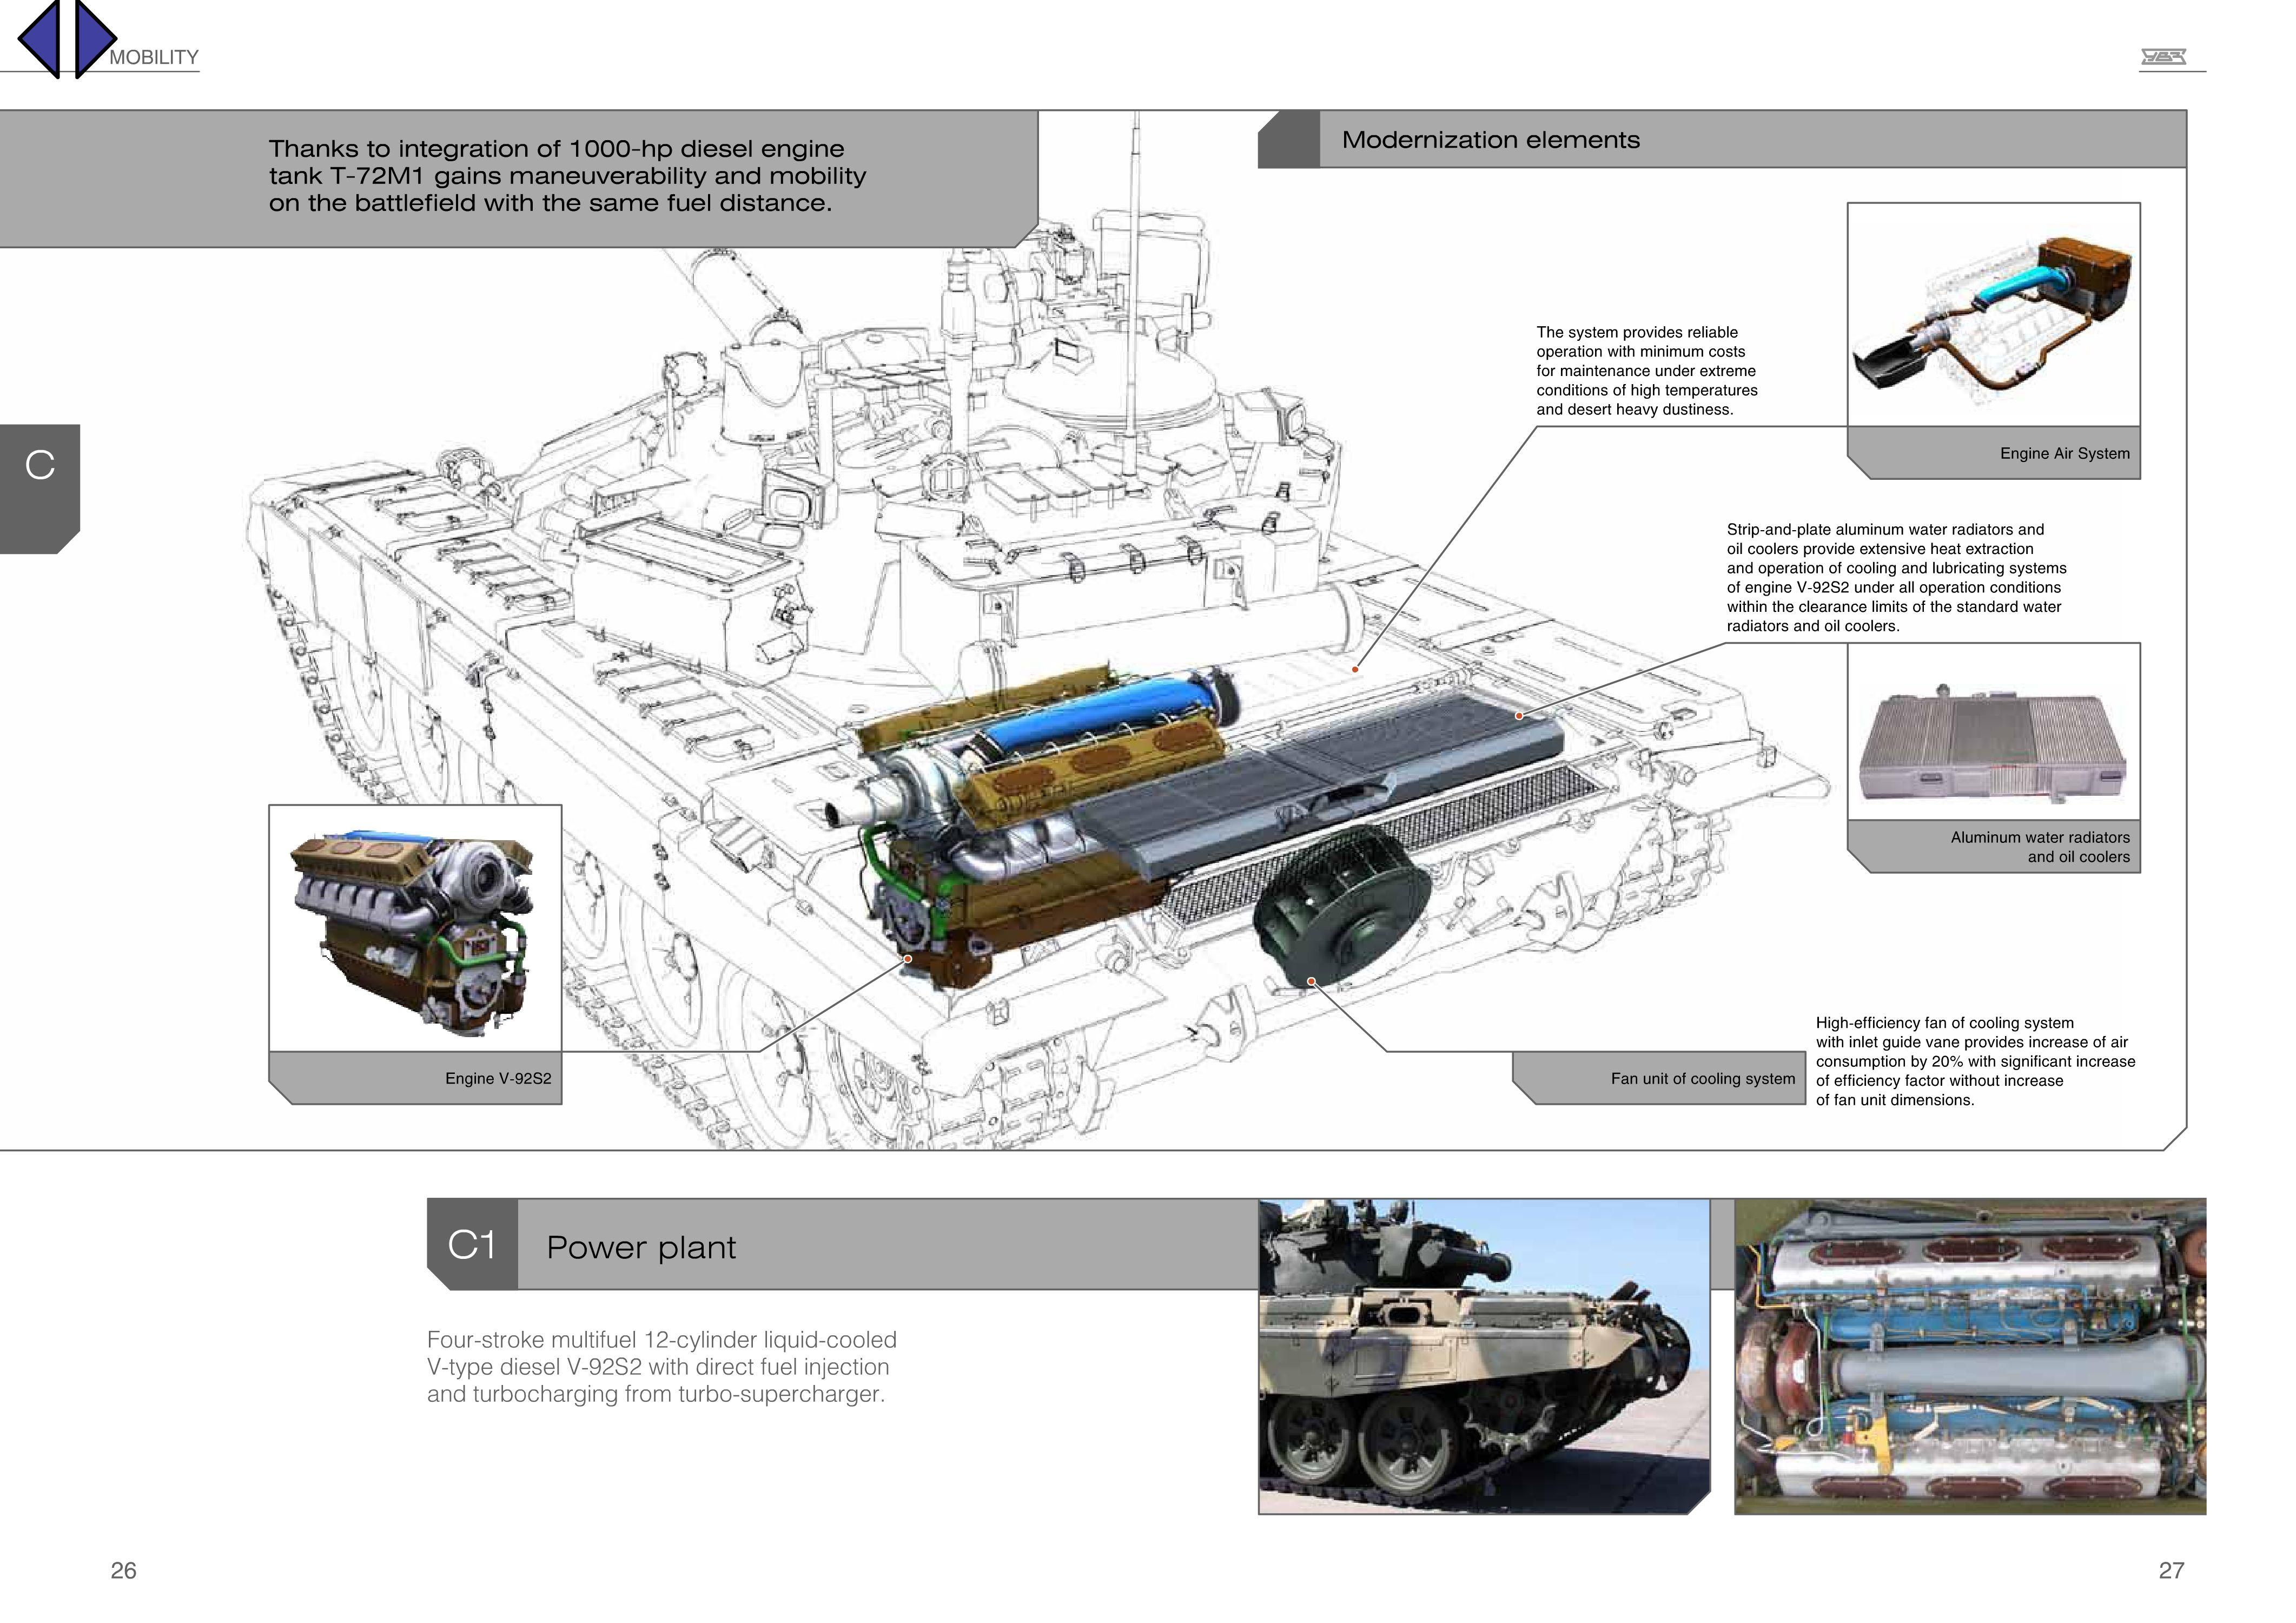 التطوير T-72M1 للجزائر يتفوق على نظيره المقدم للجيش الروسي  2534369312